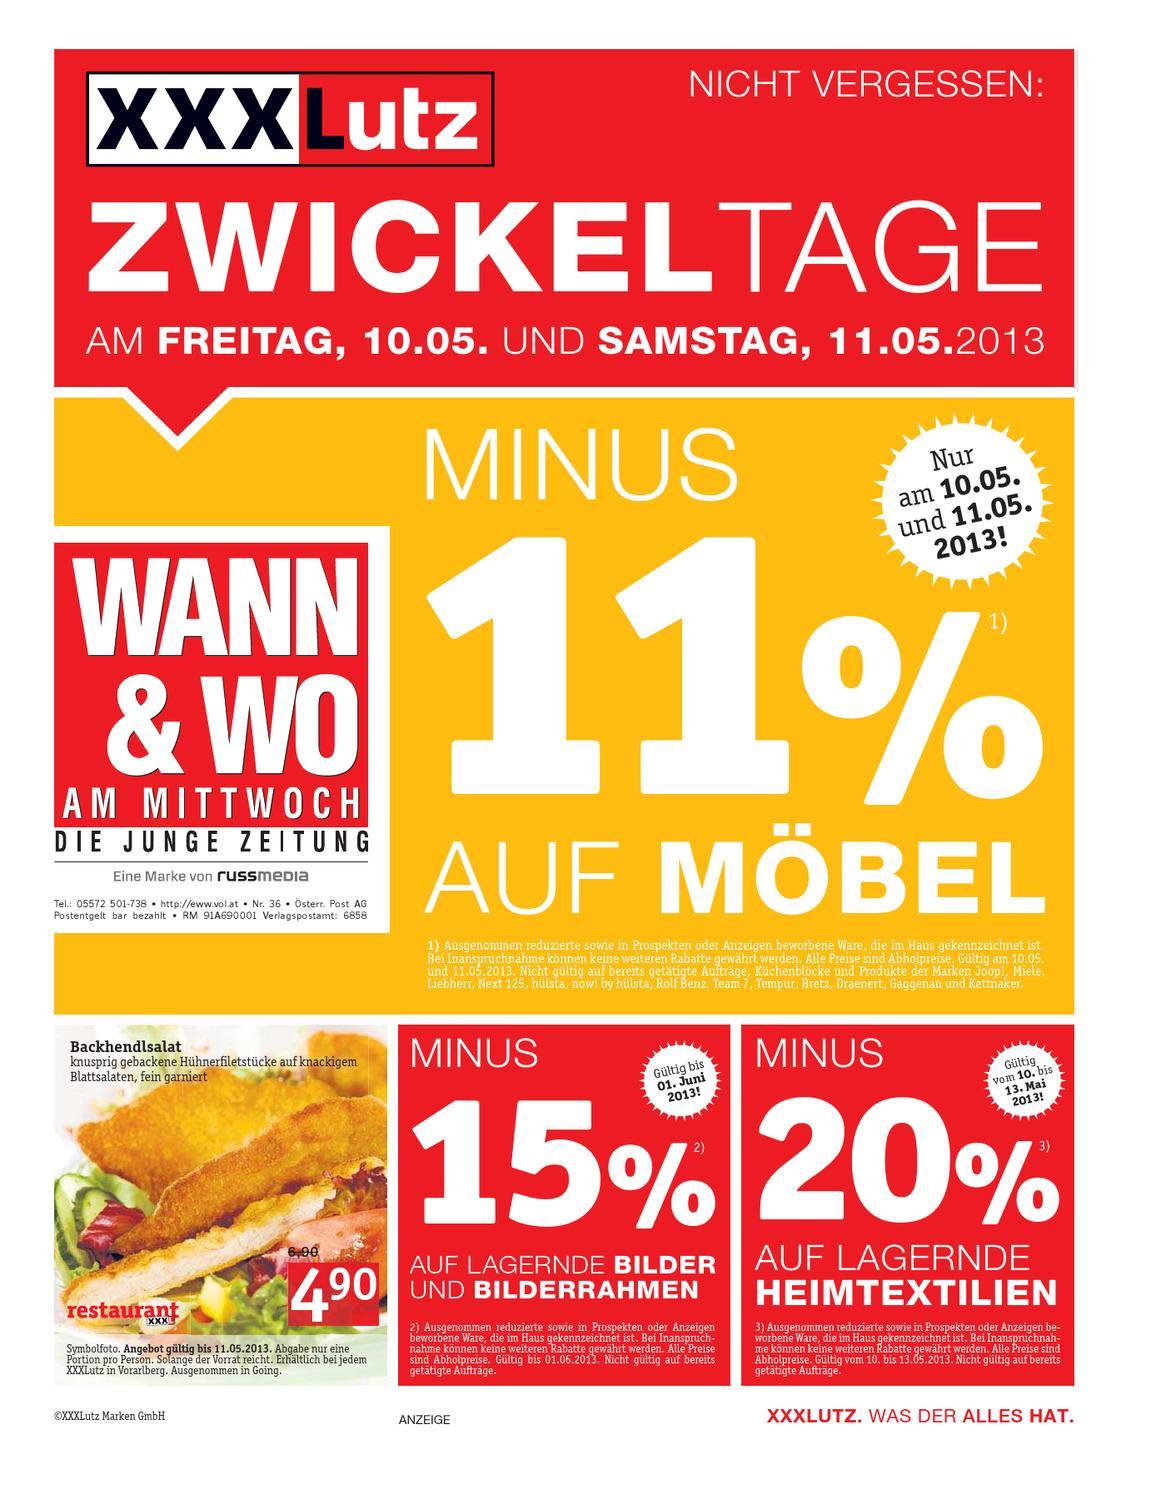 issuesWAWO_20130508 by Russmedia Digital GmbH - issuu